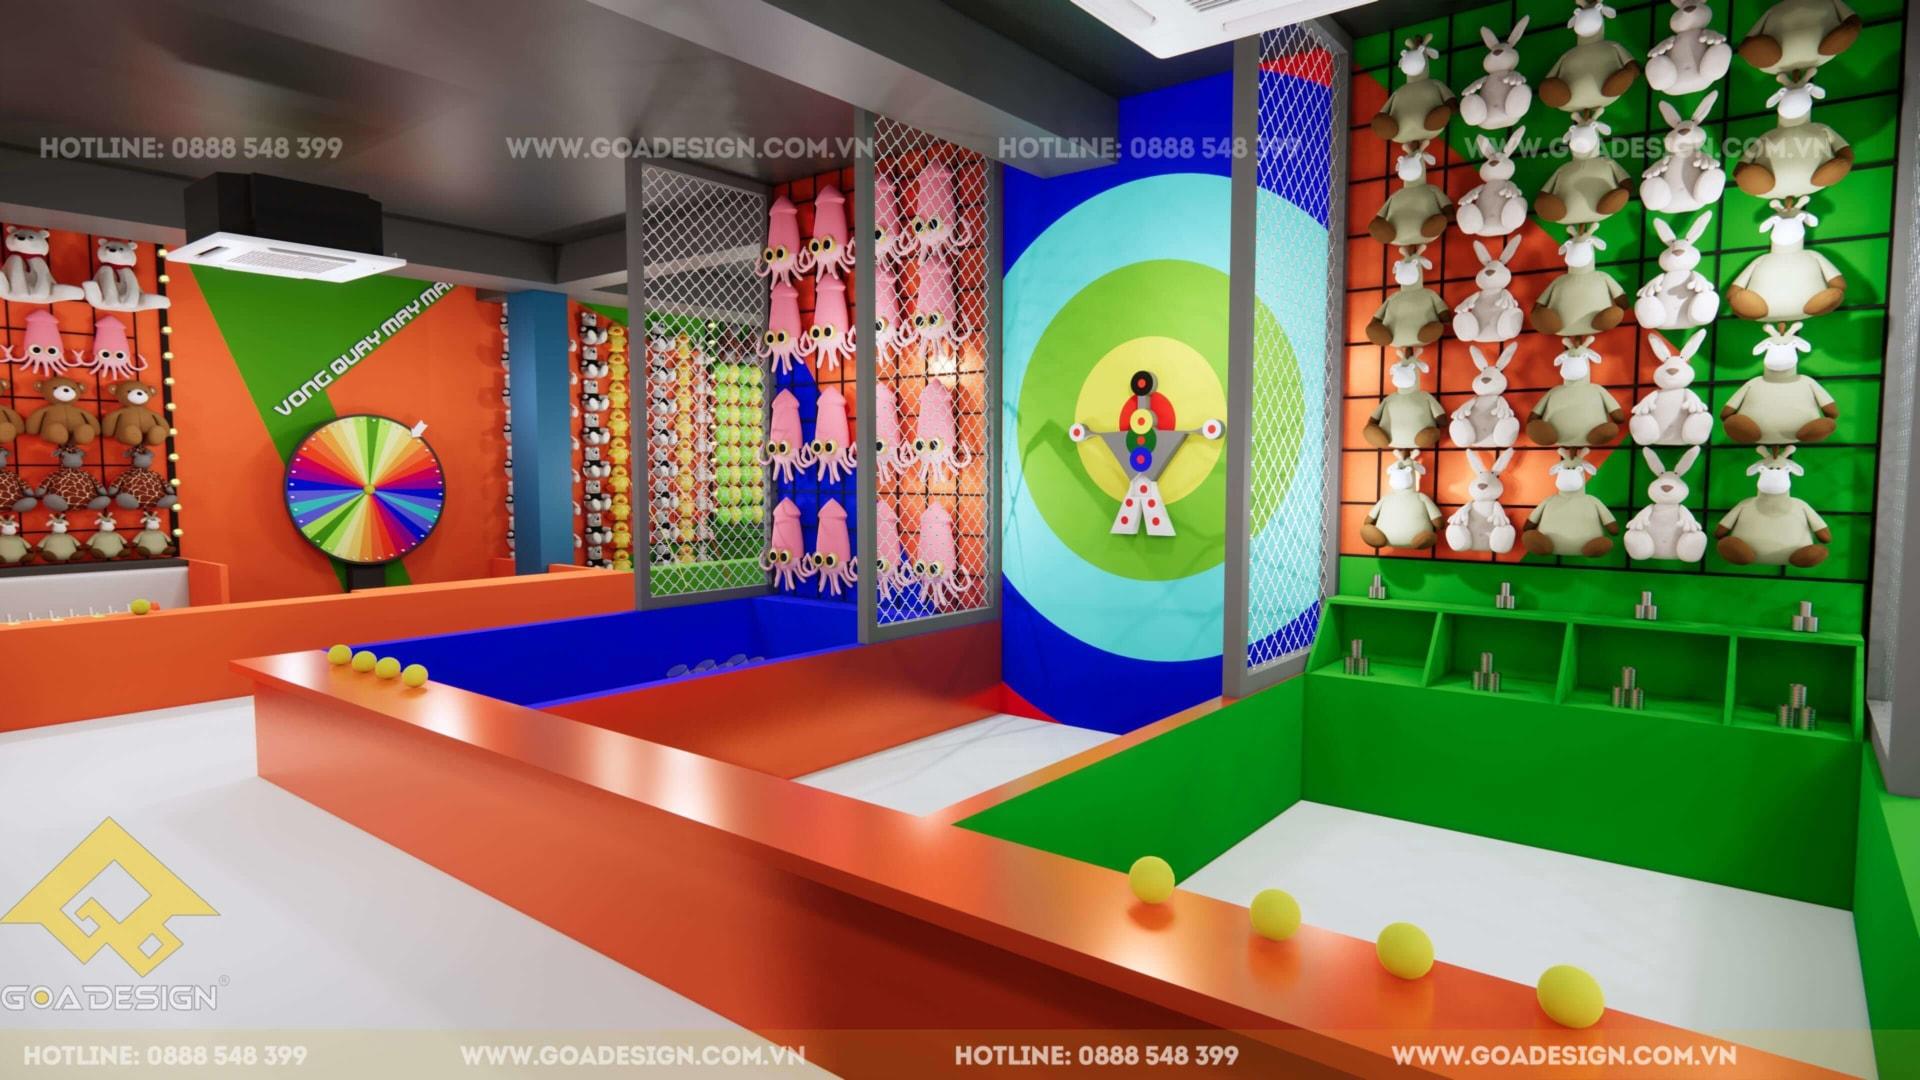 GOADESIGN Tư vấn thiết kế thi công Food & Drink Rio (17)